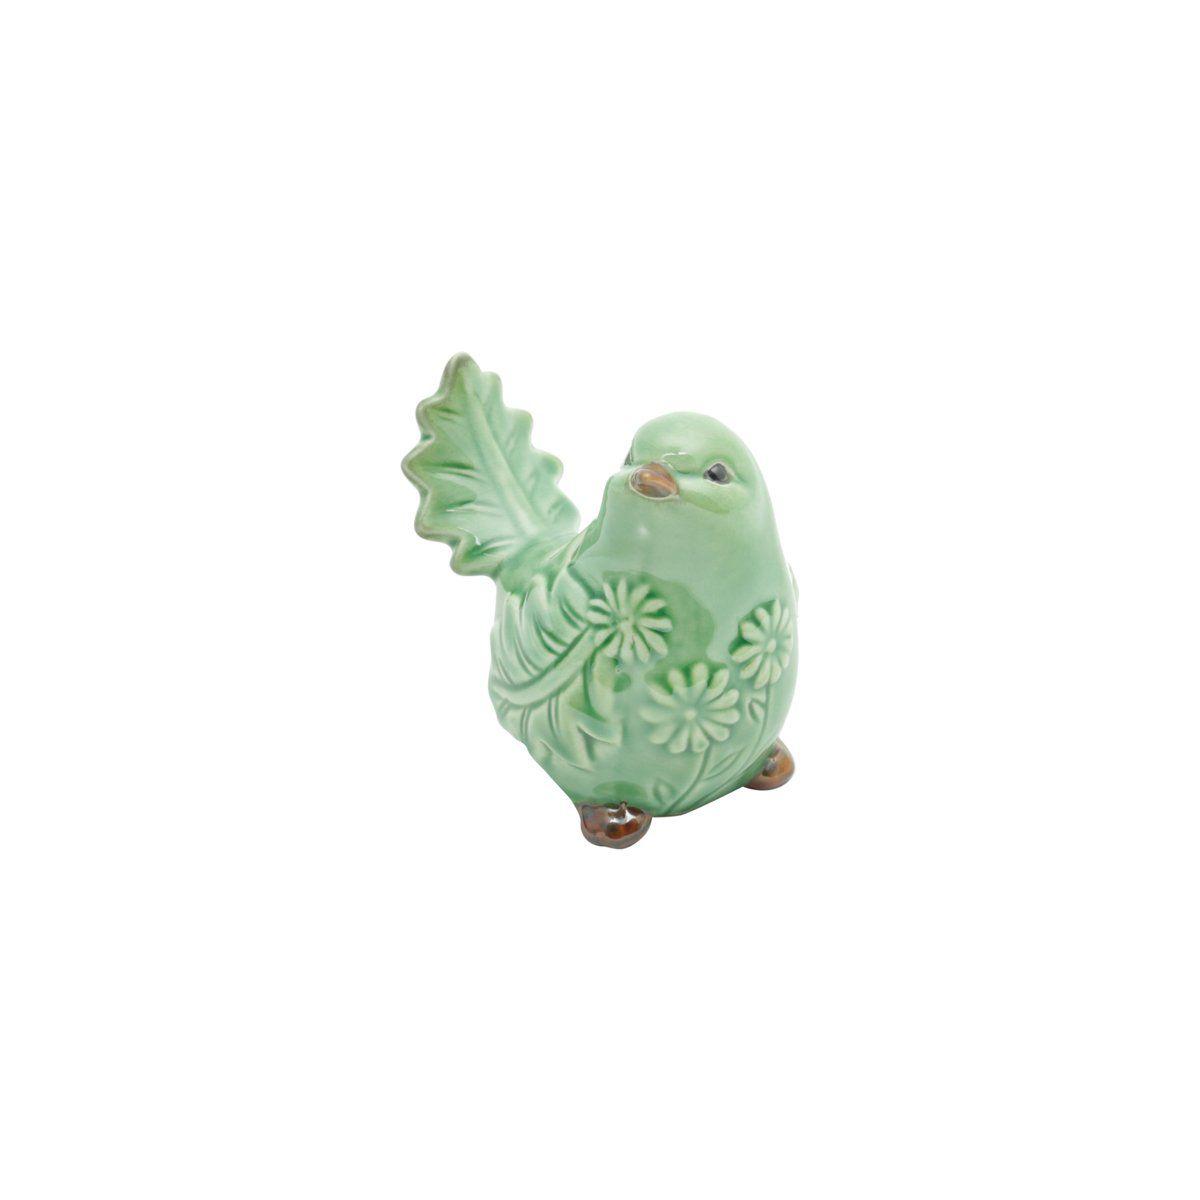 Pássaro decorativo 9,5 x 6,5 cm de cerâmica verde Leaf Lyor - L4176